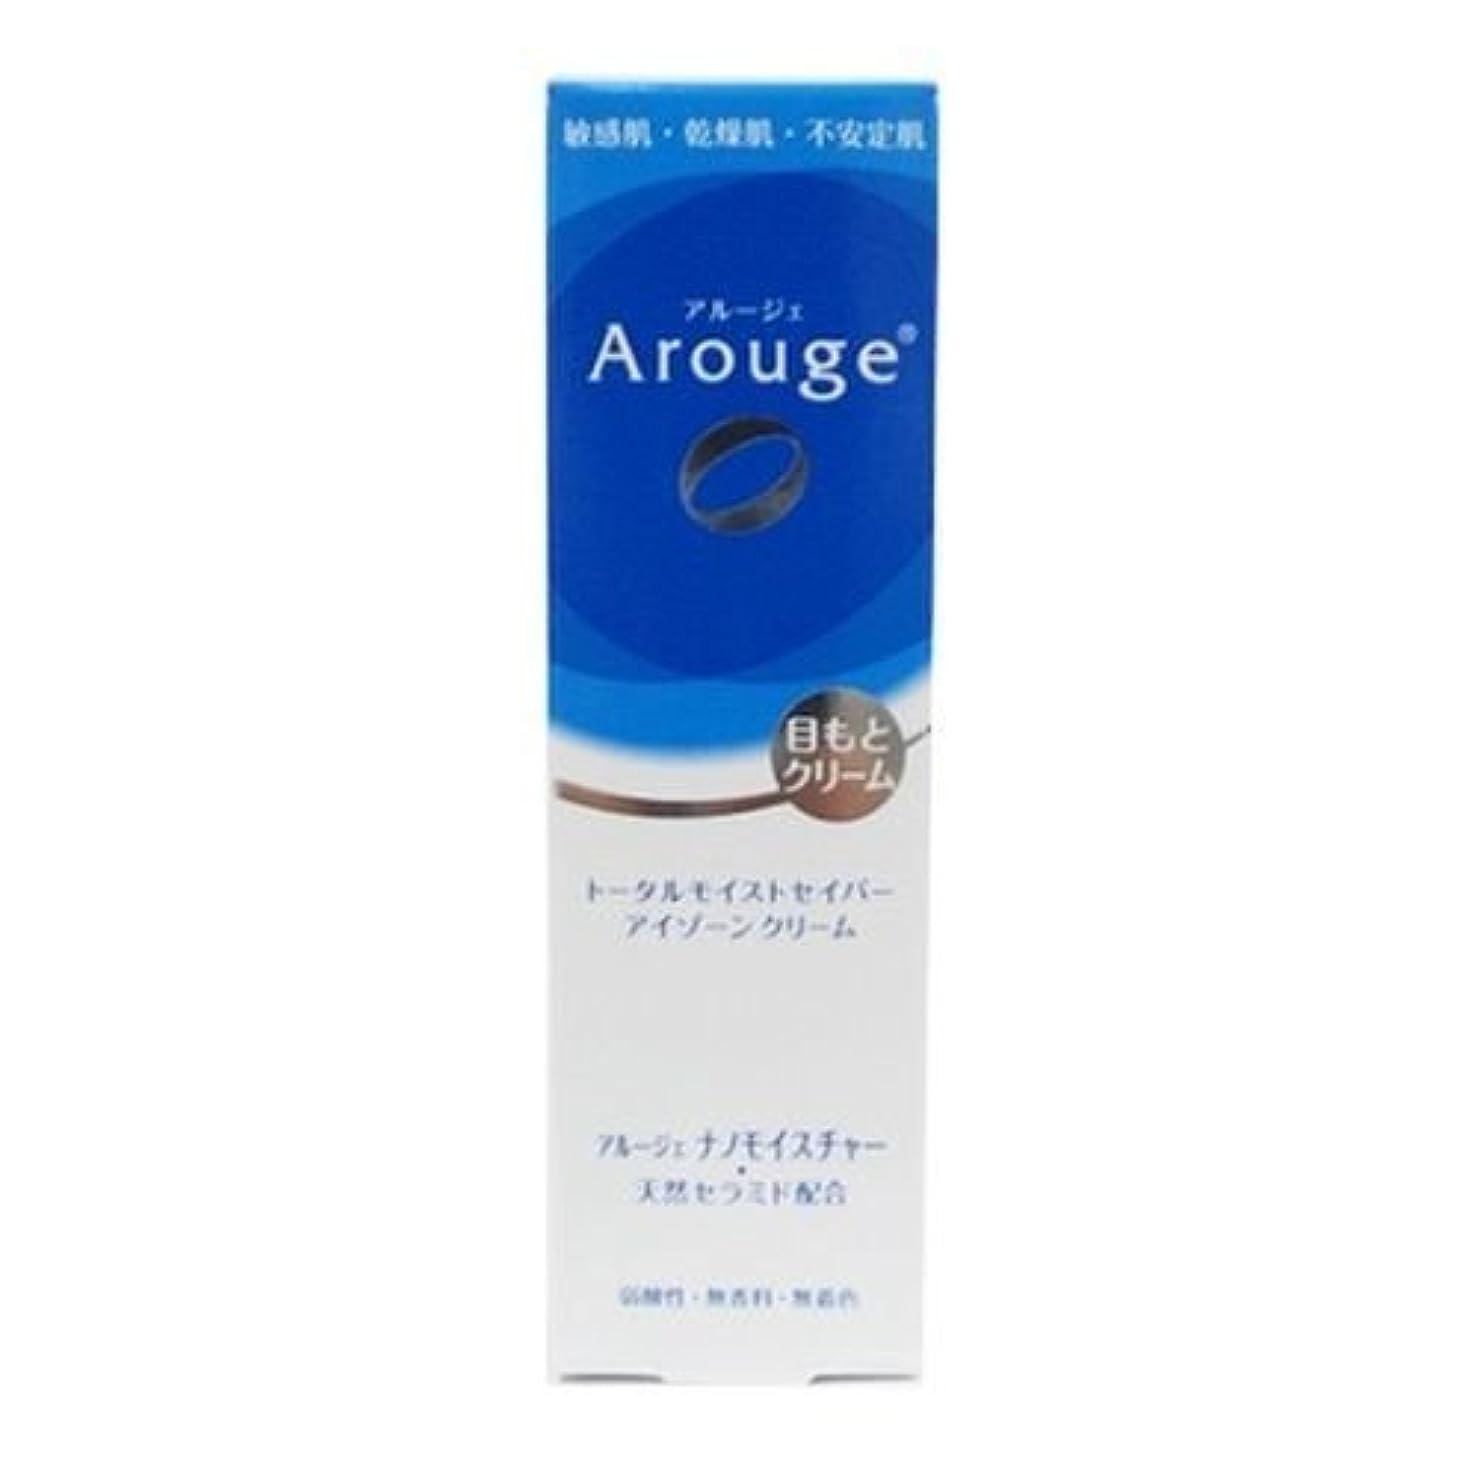 アルージェ(Arouge)トータルモイストセイバー アイゾーンクリーム 15g